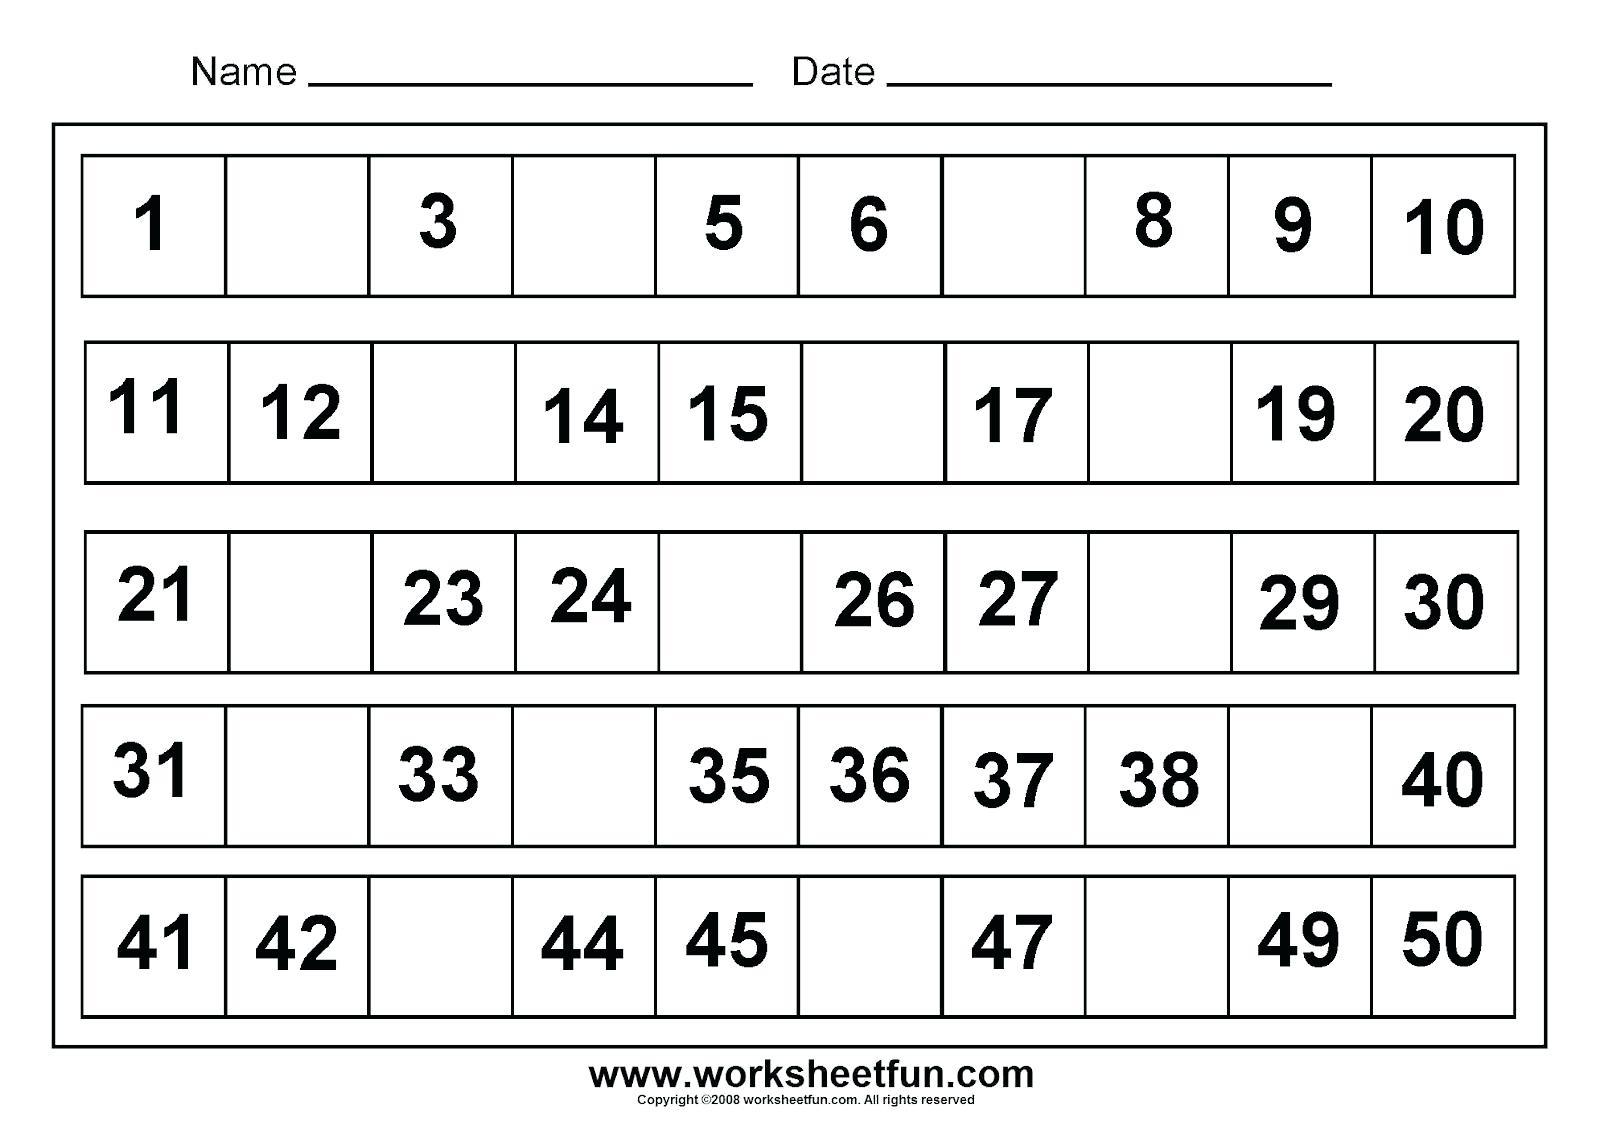 Worksheet  Precision Teaching Worksheets Self Help Resources